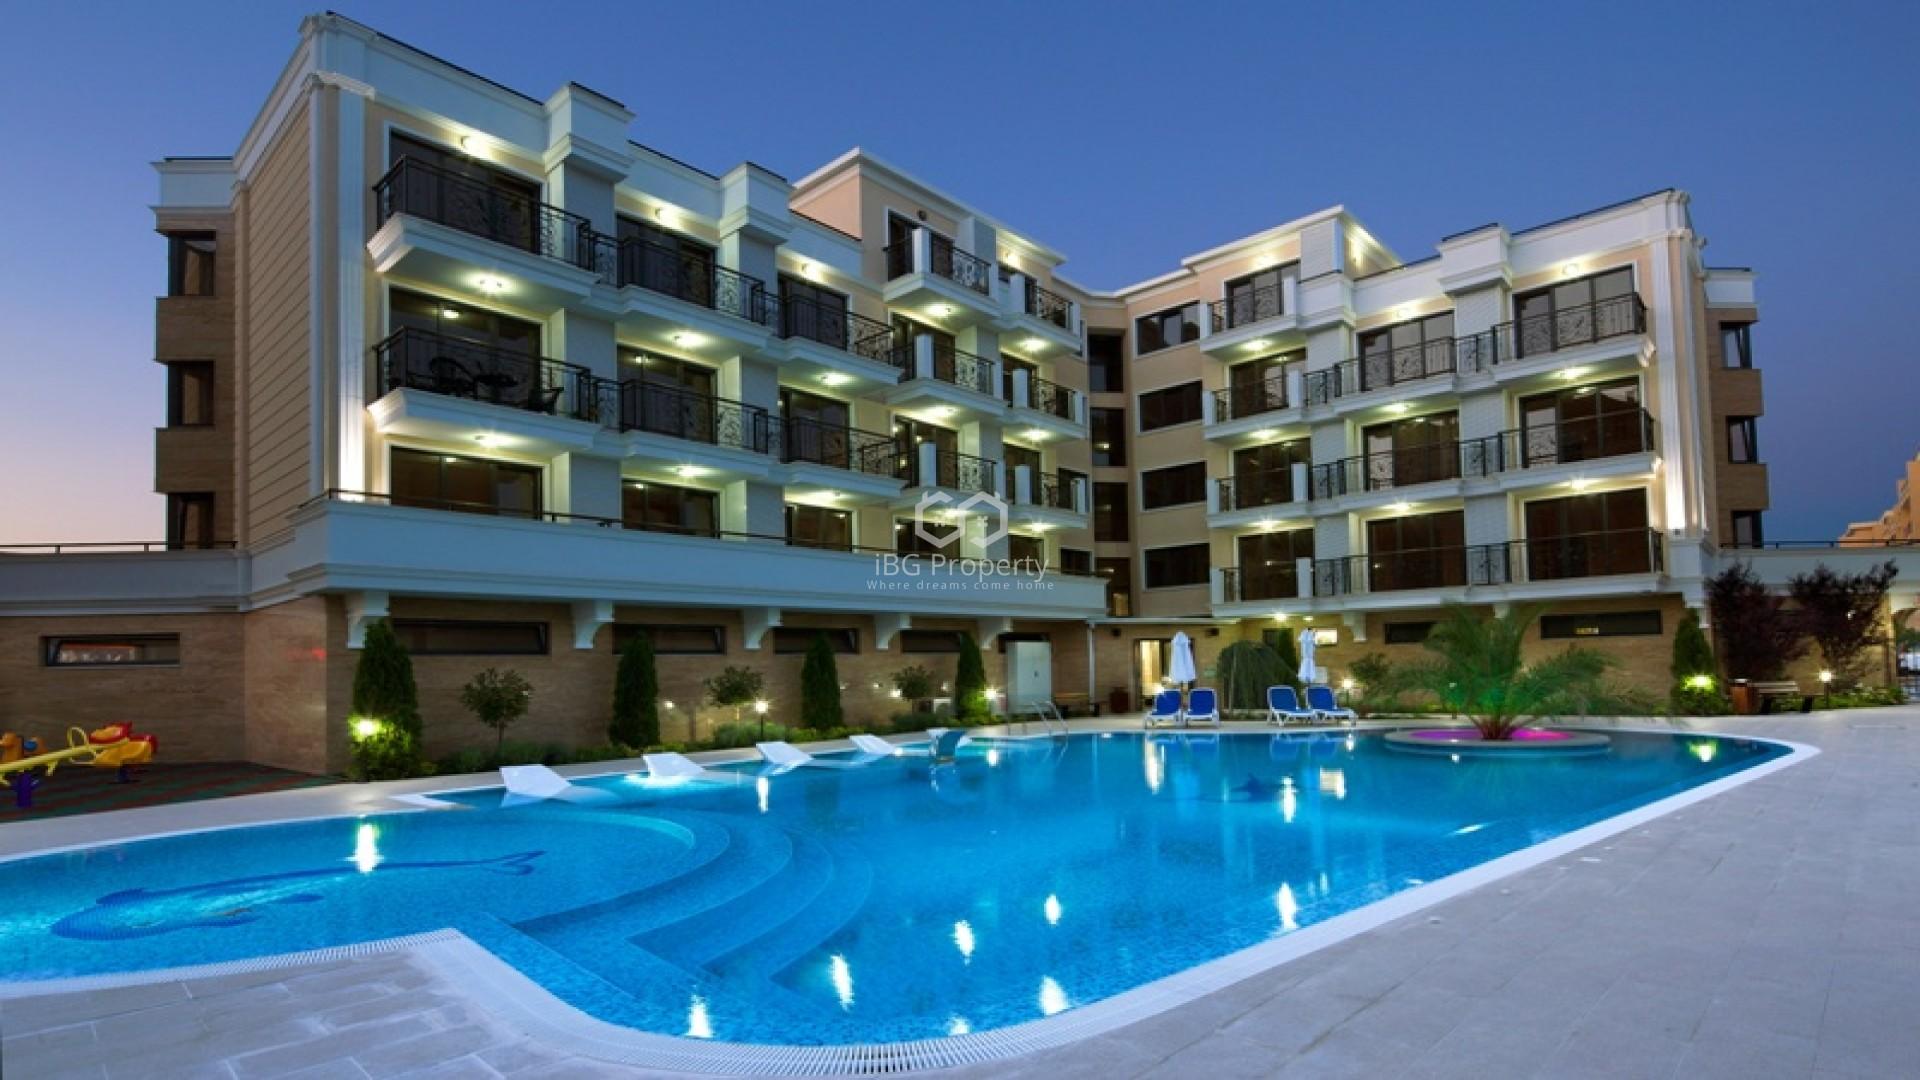 Dreizimmerwohnung in Sonnenstrand 71 m2